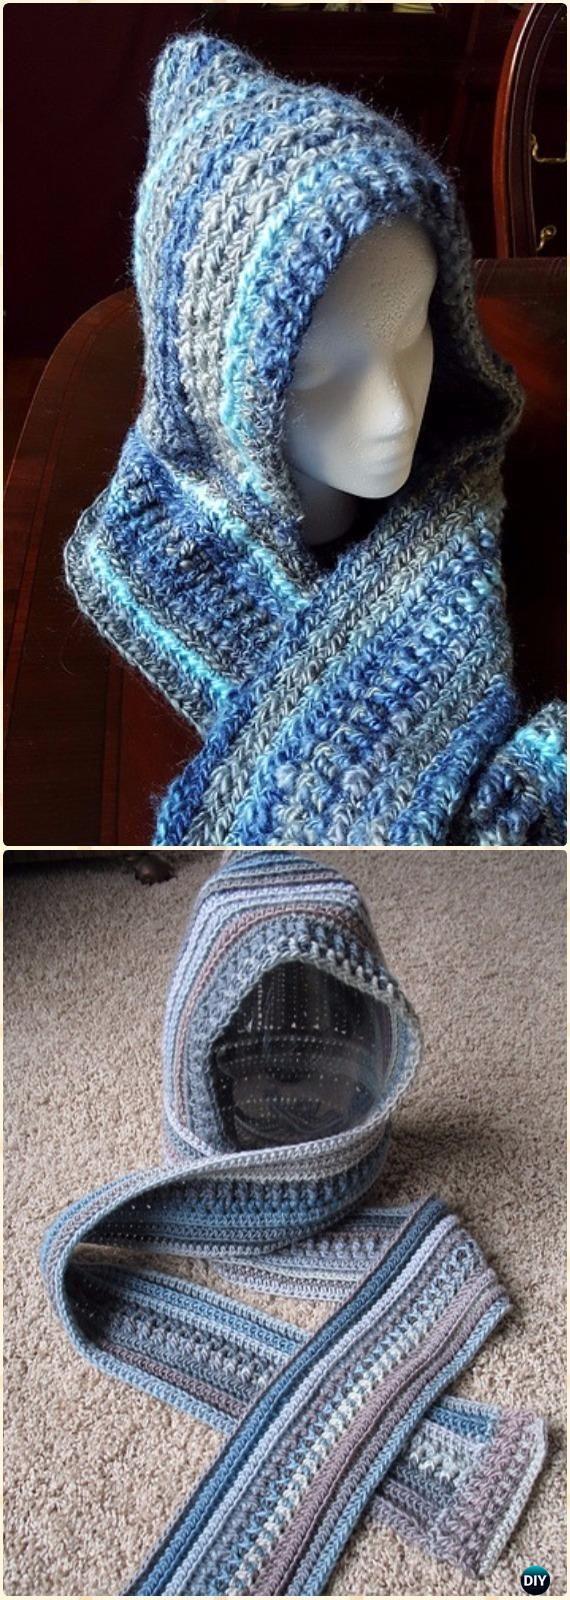 Pin de Marilyn Salsbury en crochet | Pinterest | Gorros, Tejido y ...